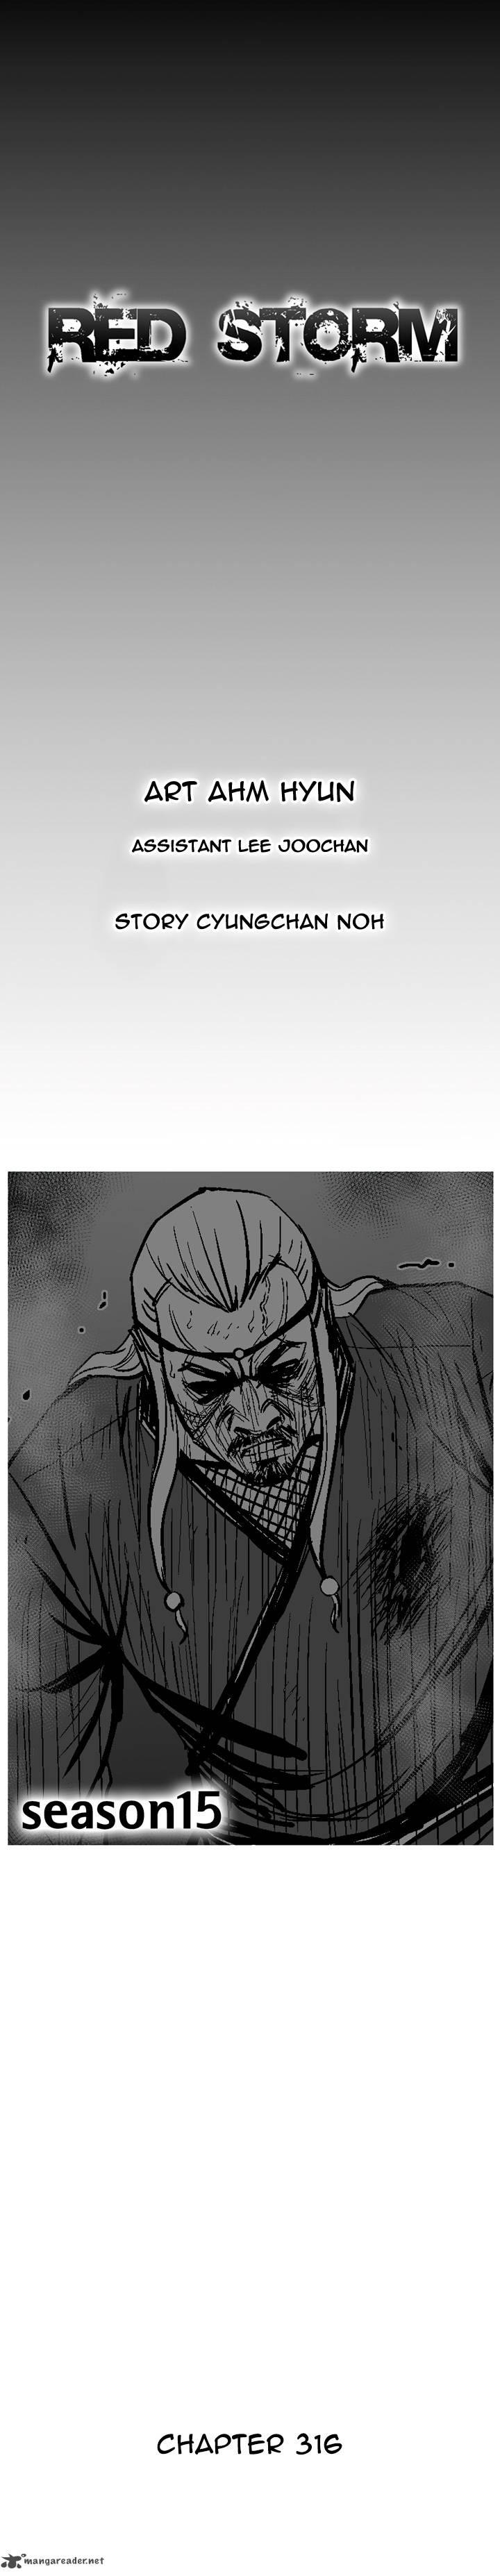 https://img2.nineanime.com/comics/pic1/19/403/580477/17326d10d511828f6b34fa6d751739e2.jpg Page 1